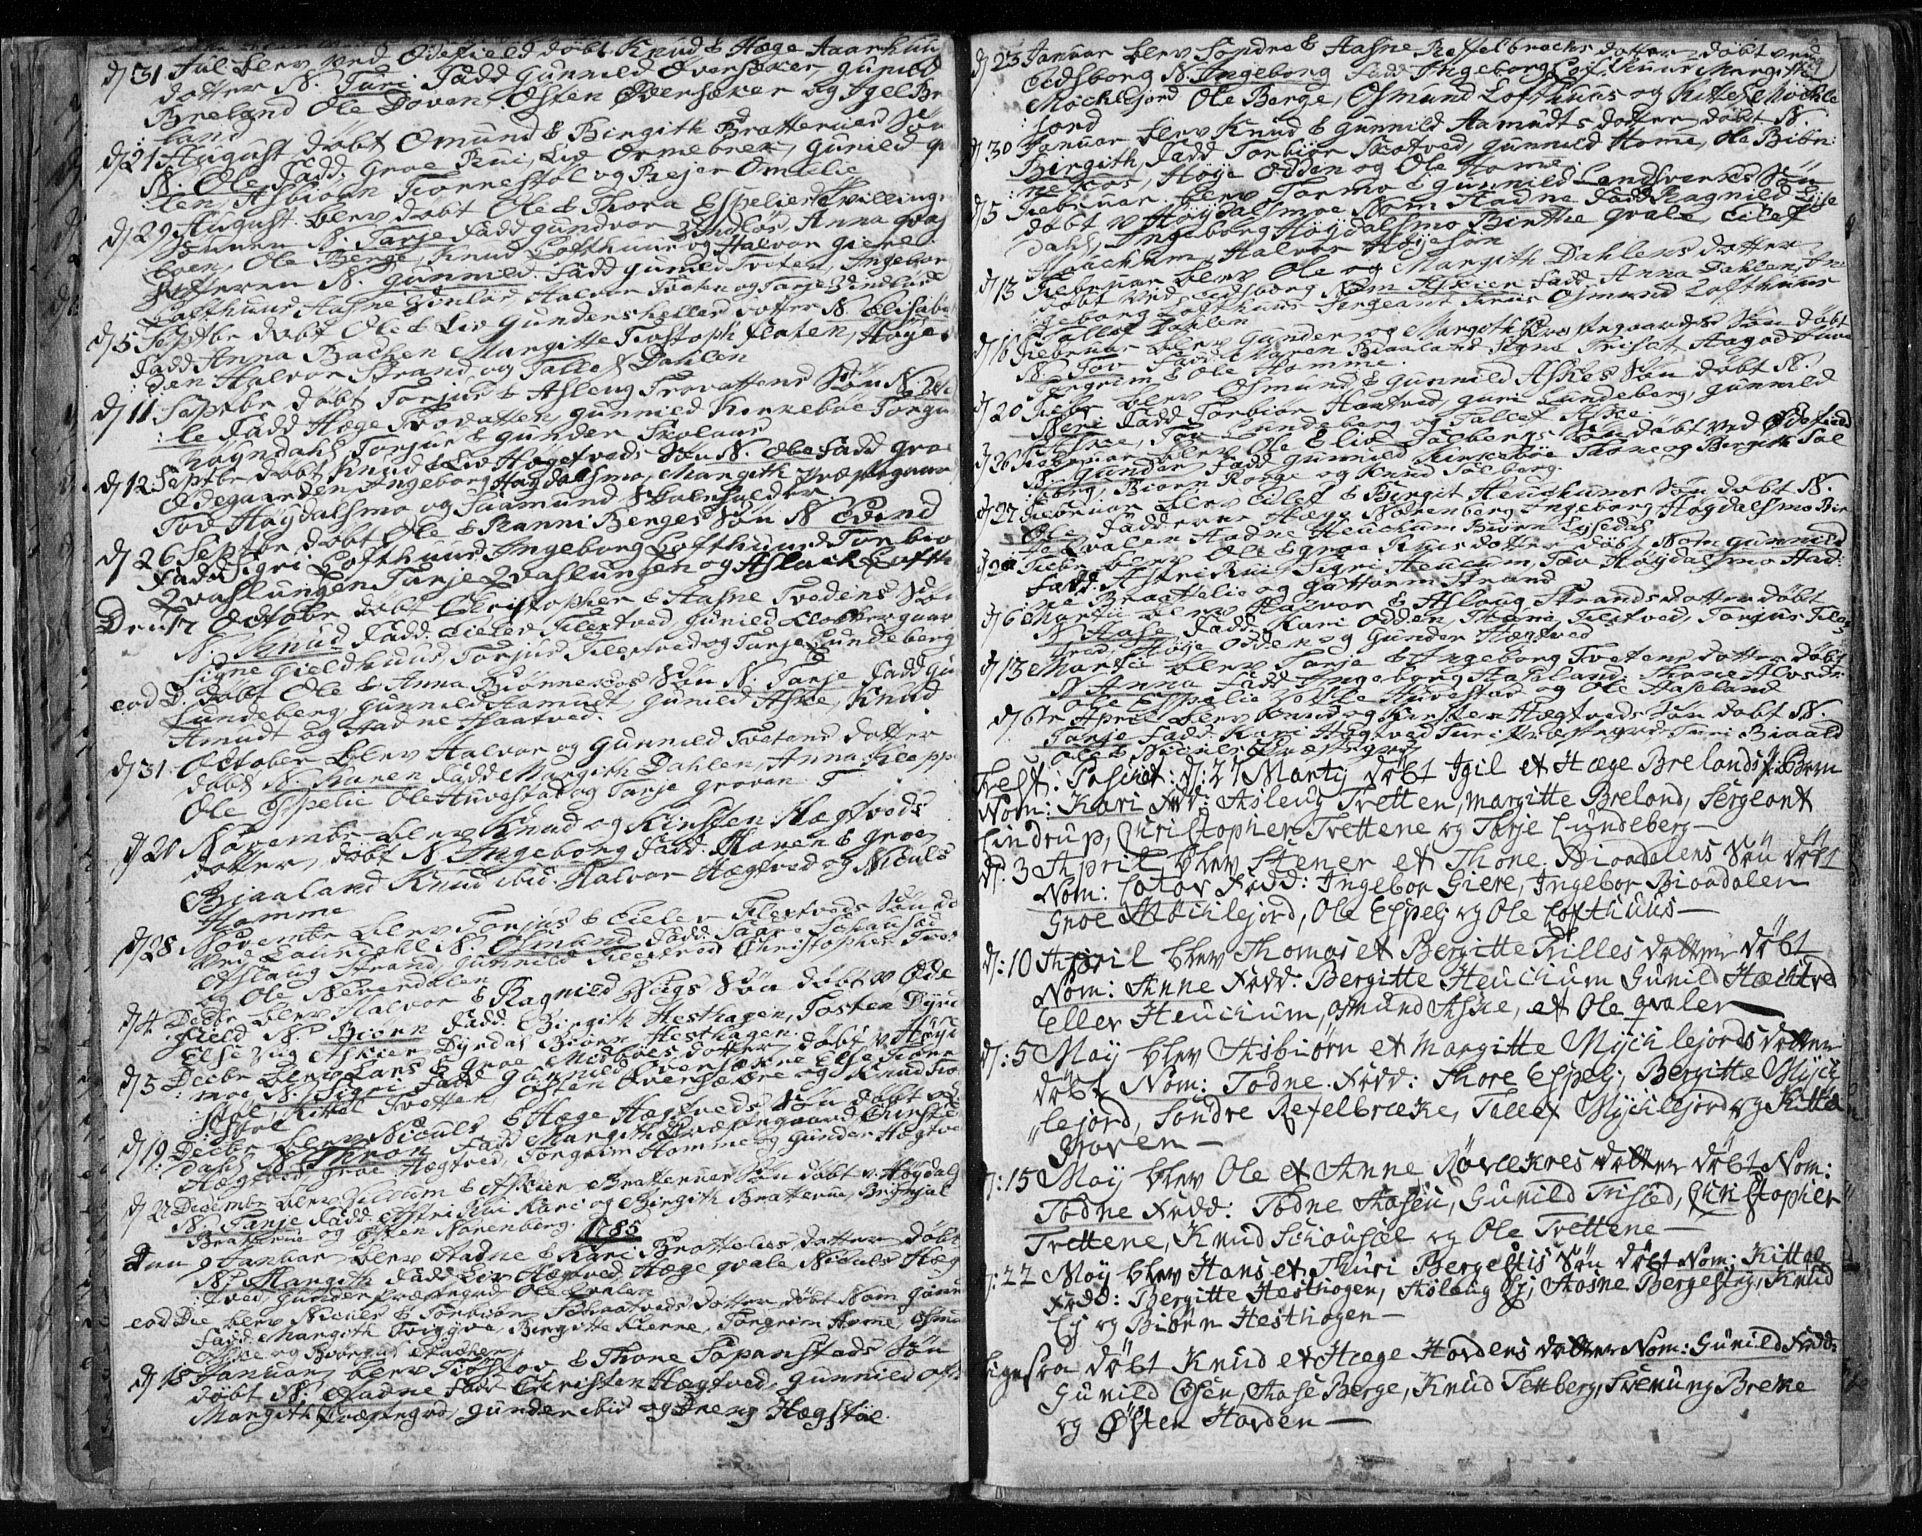 SAKO, Lårdal kirkebøker, F/Fa/L0003: Ministerialbok nr. I 3, 1754-1790, s. 29